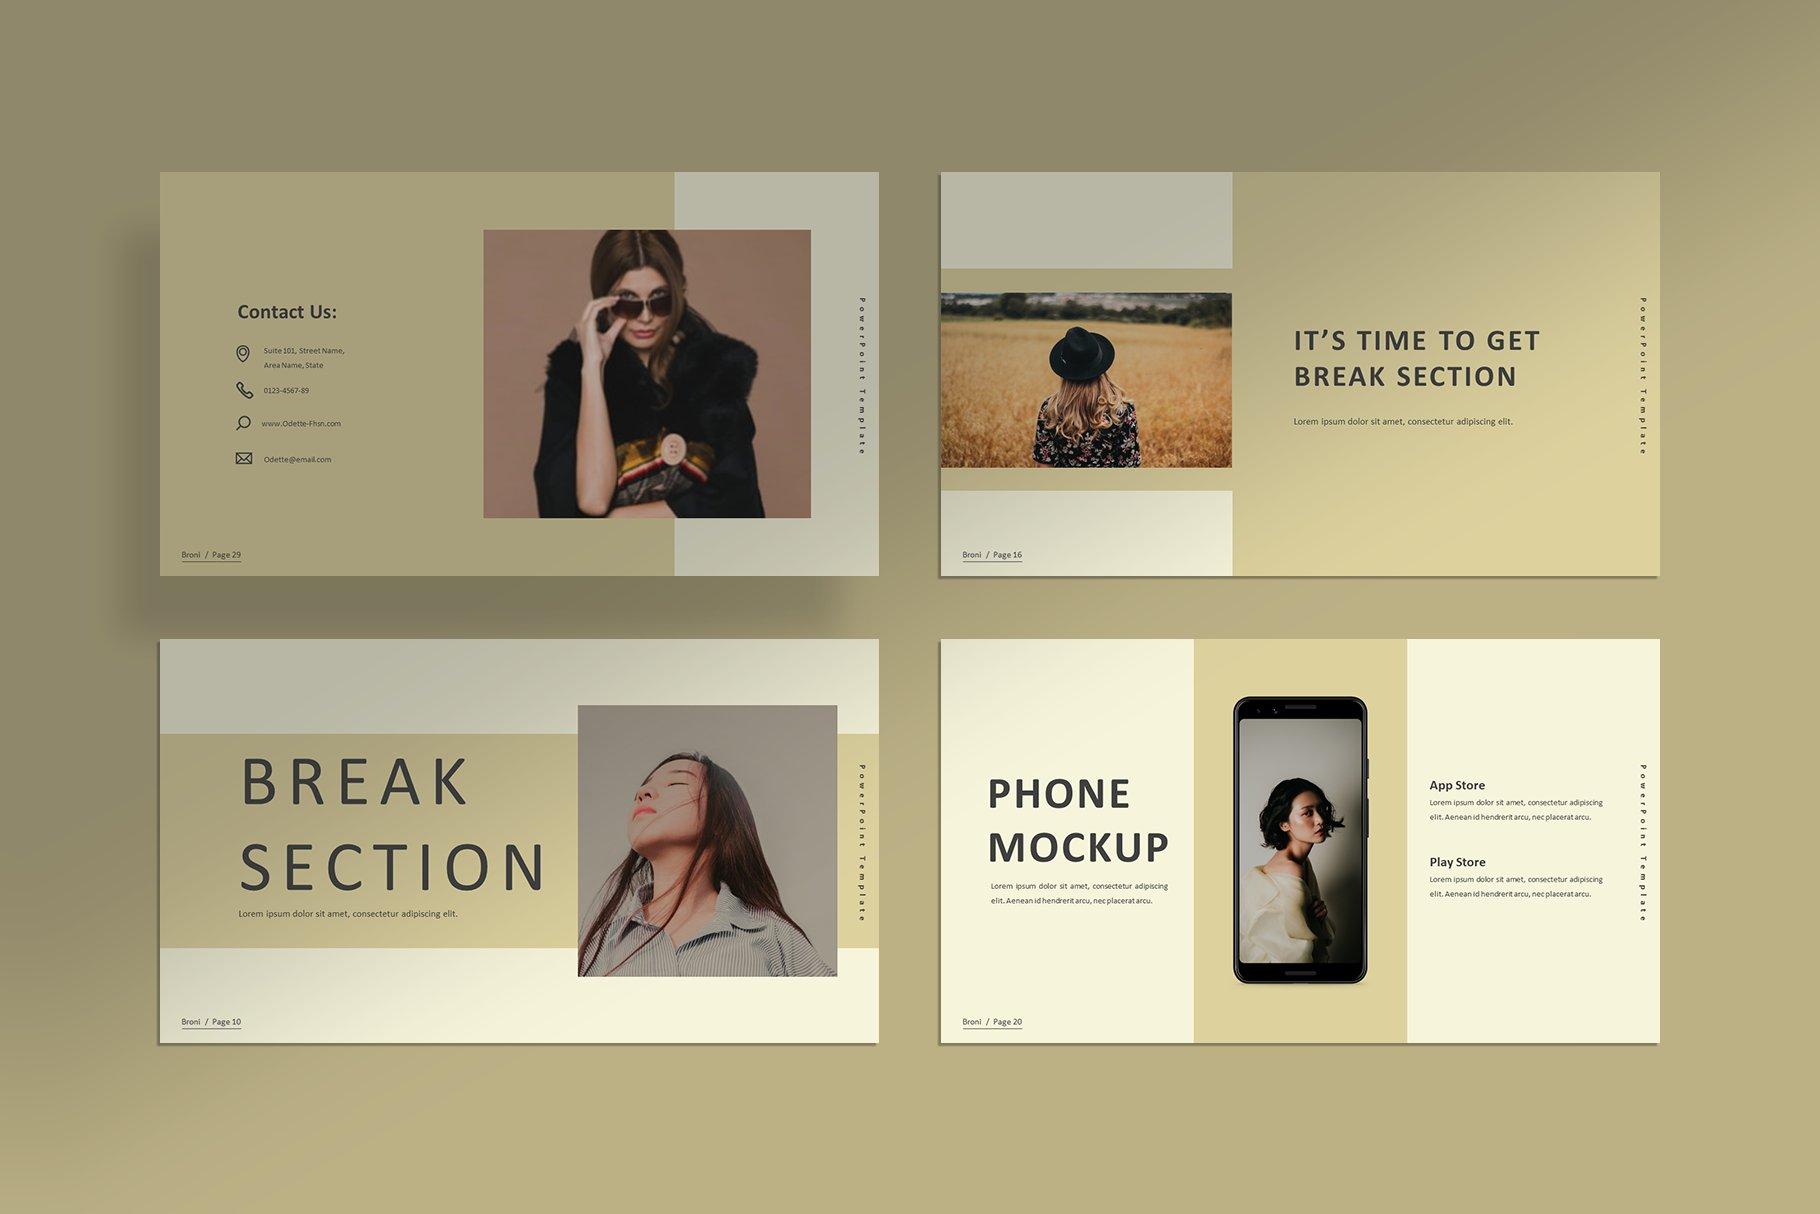 简洁服装摄影作品集图文排版设计PPT幻灯片模板 Broni – Minimalist Presentation插图(6)